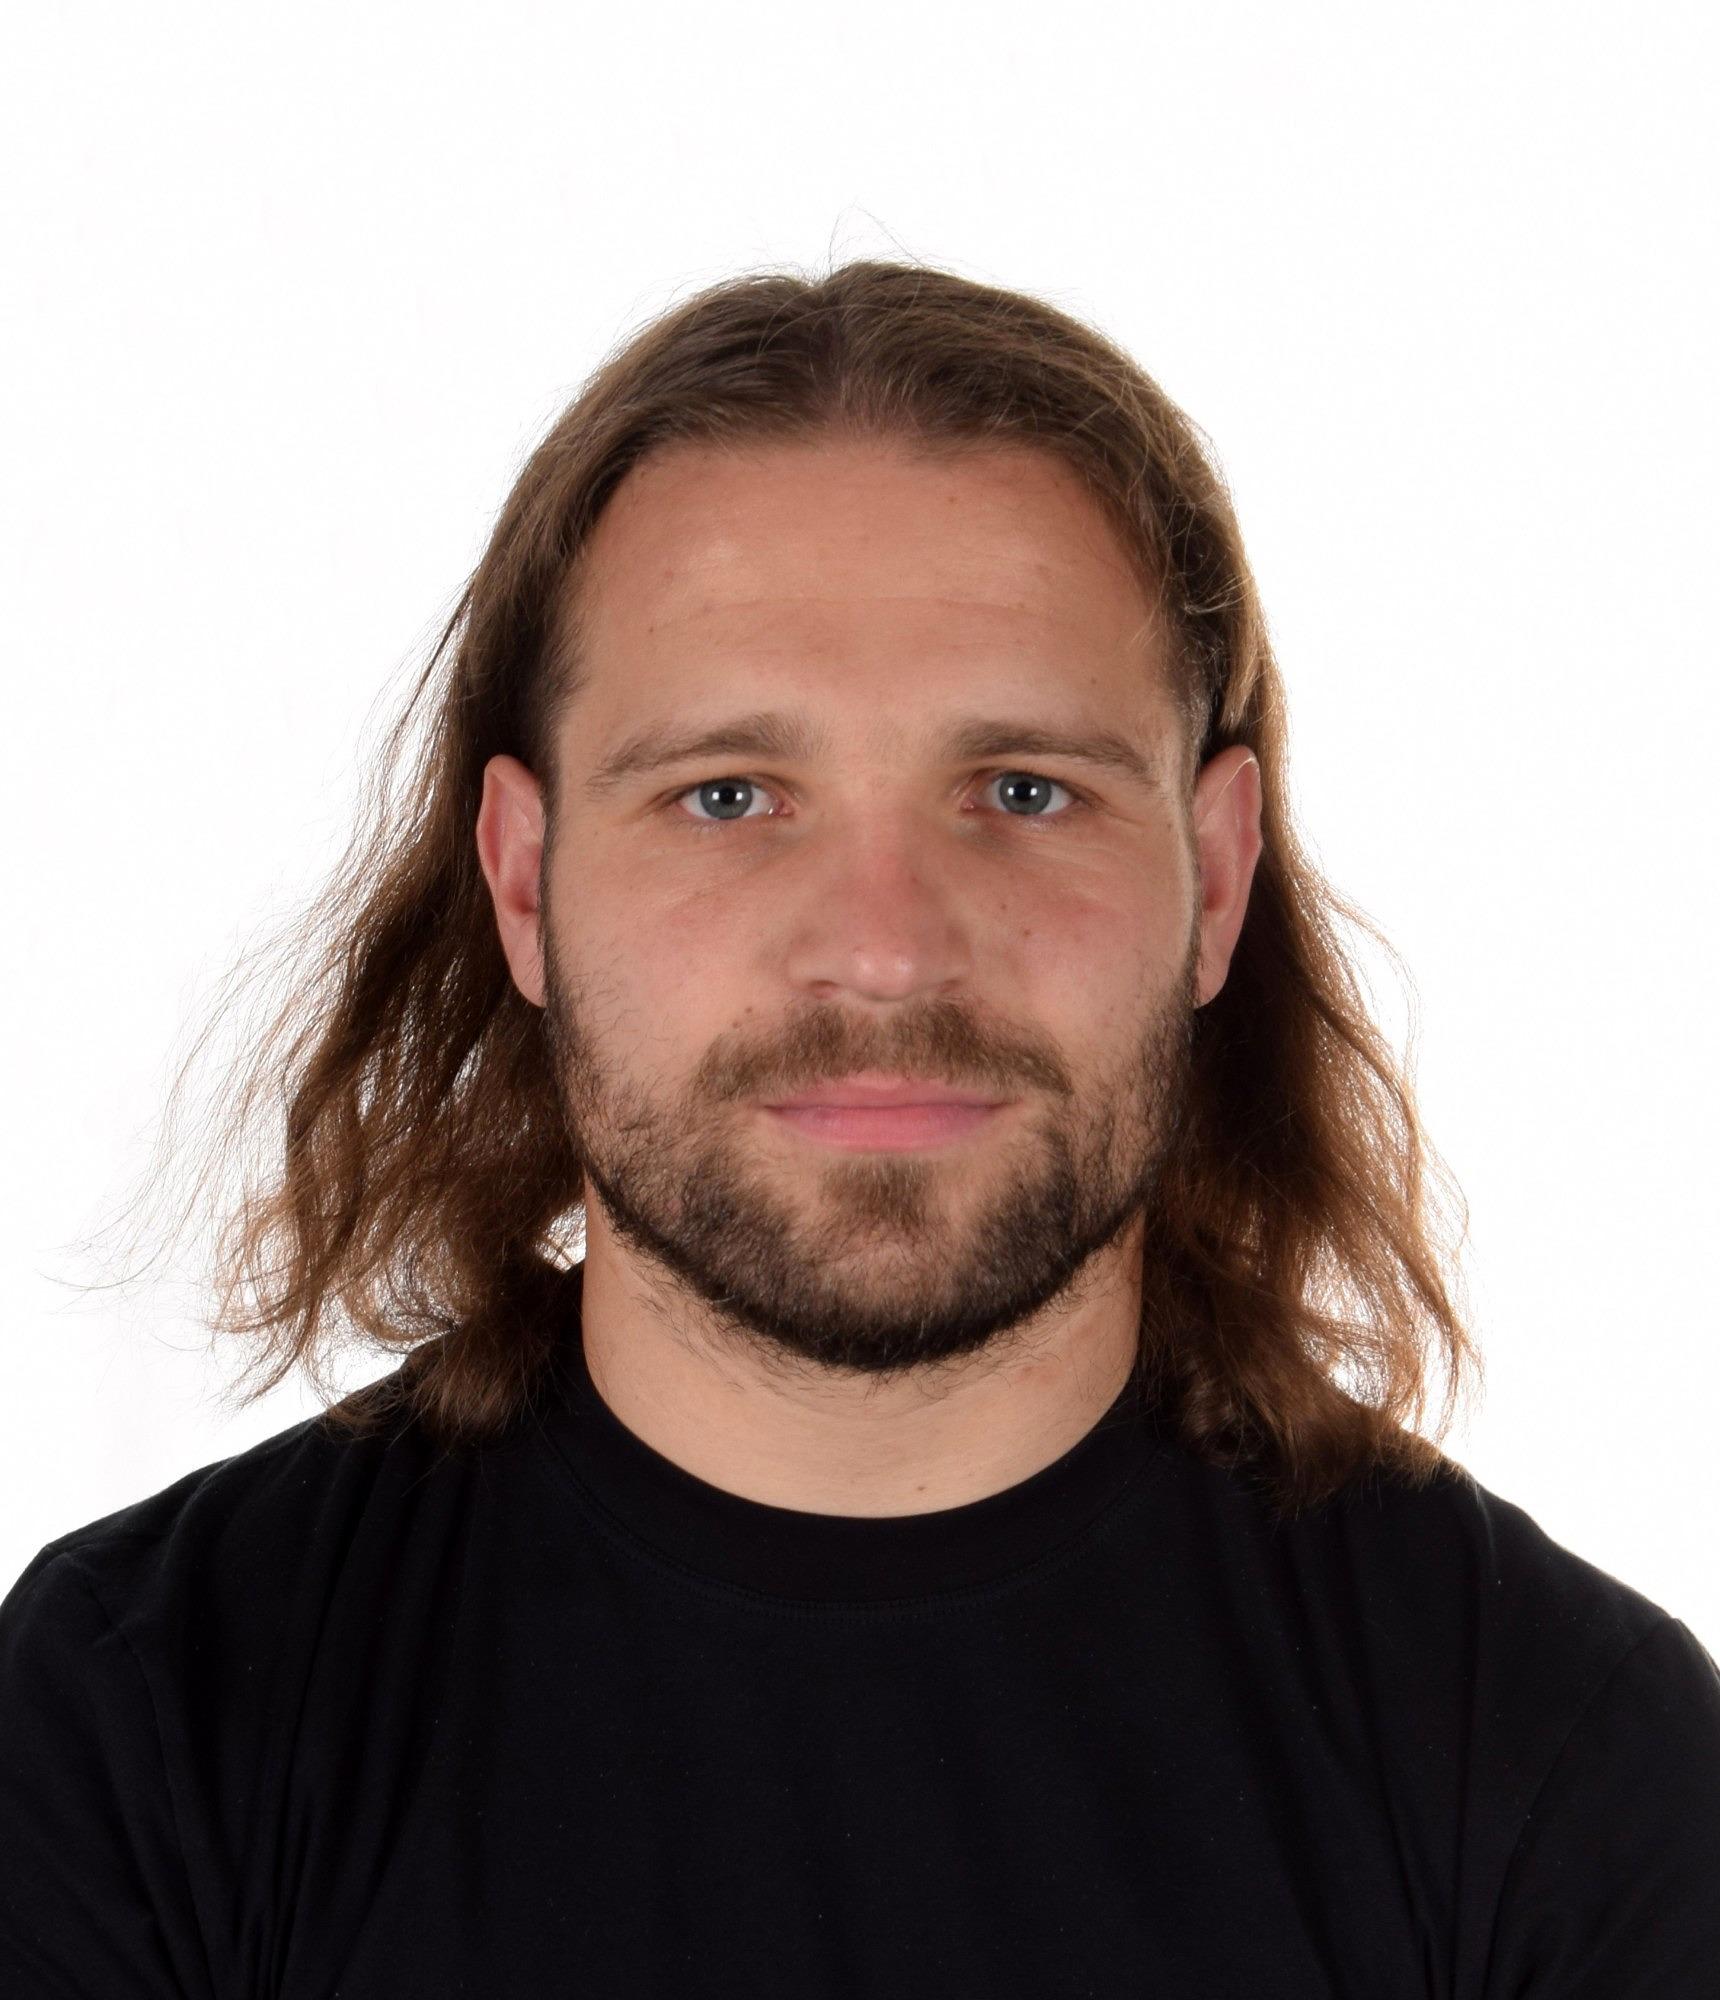 Thomas Reichbauer